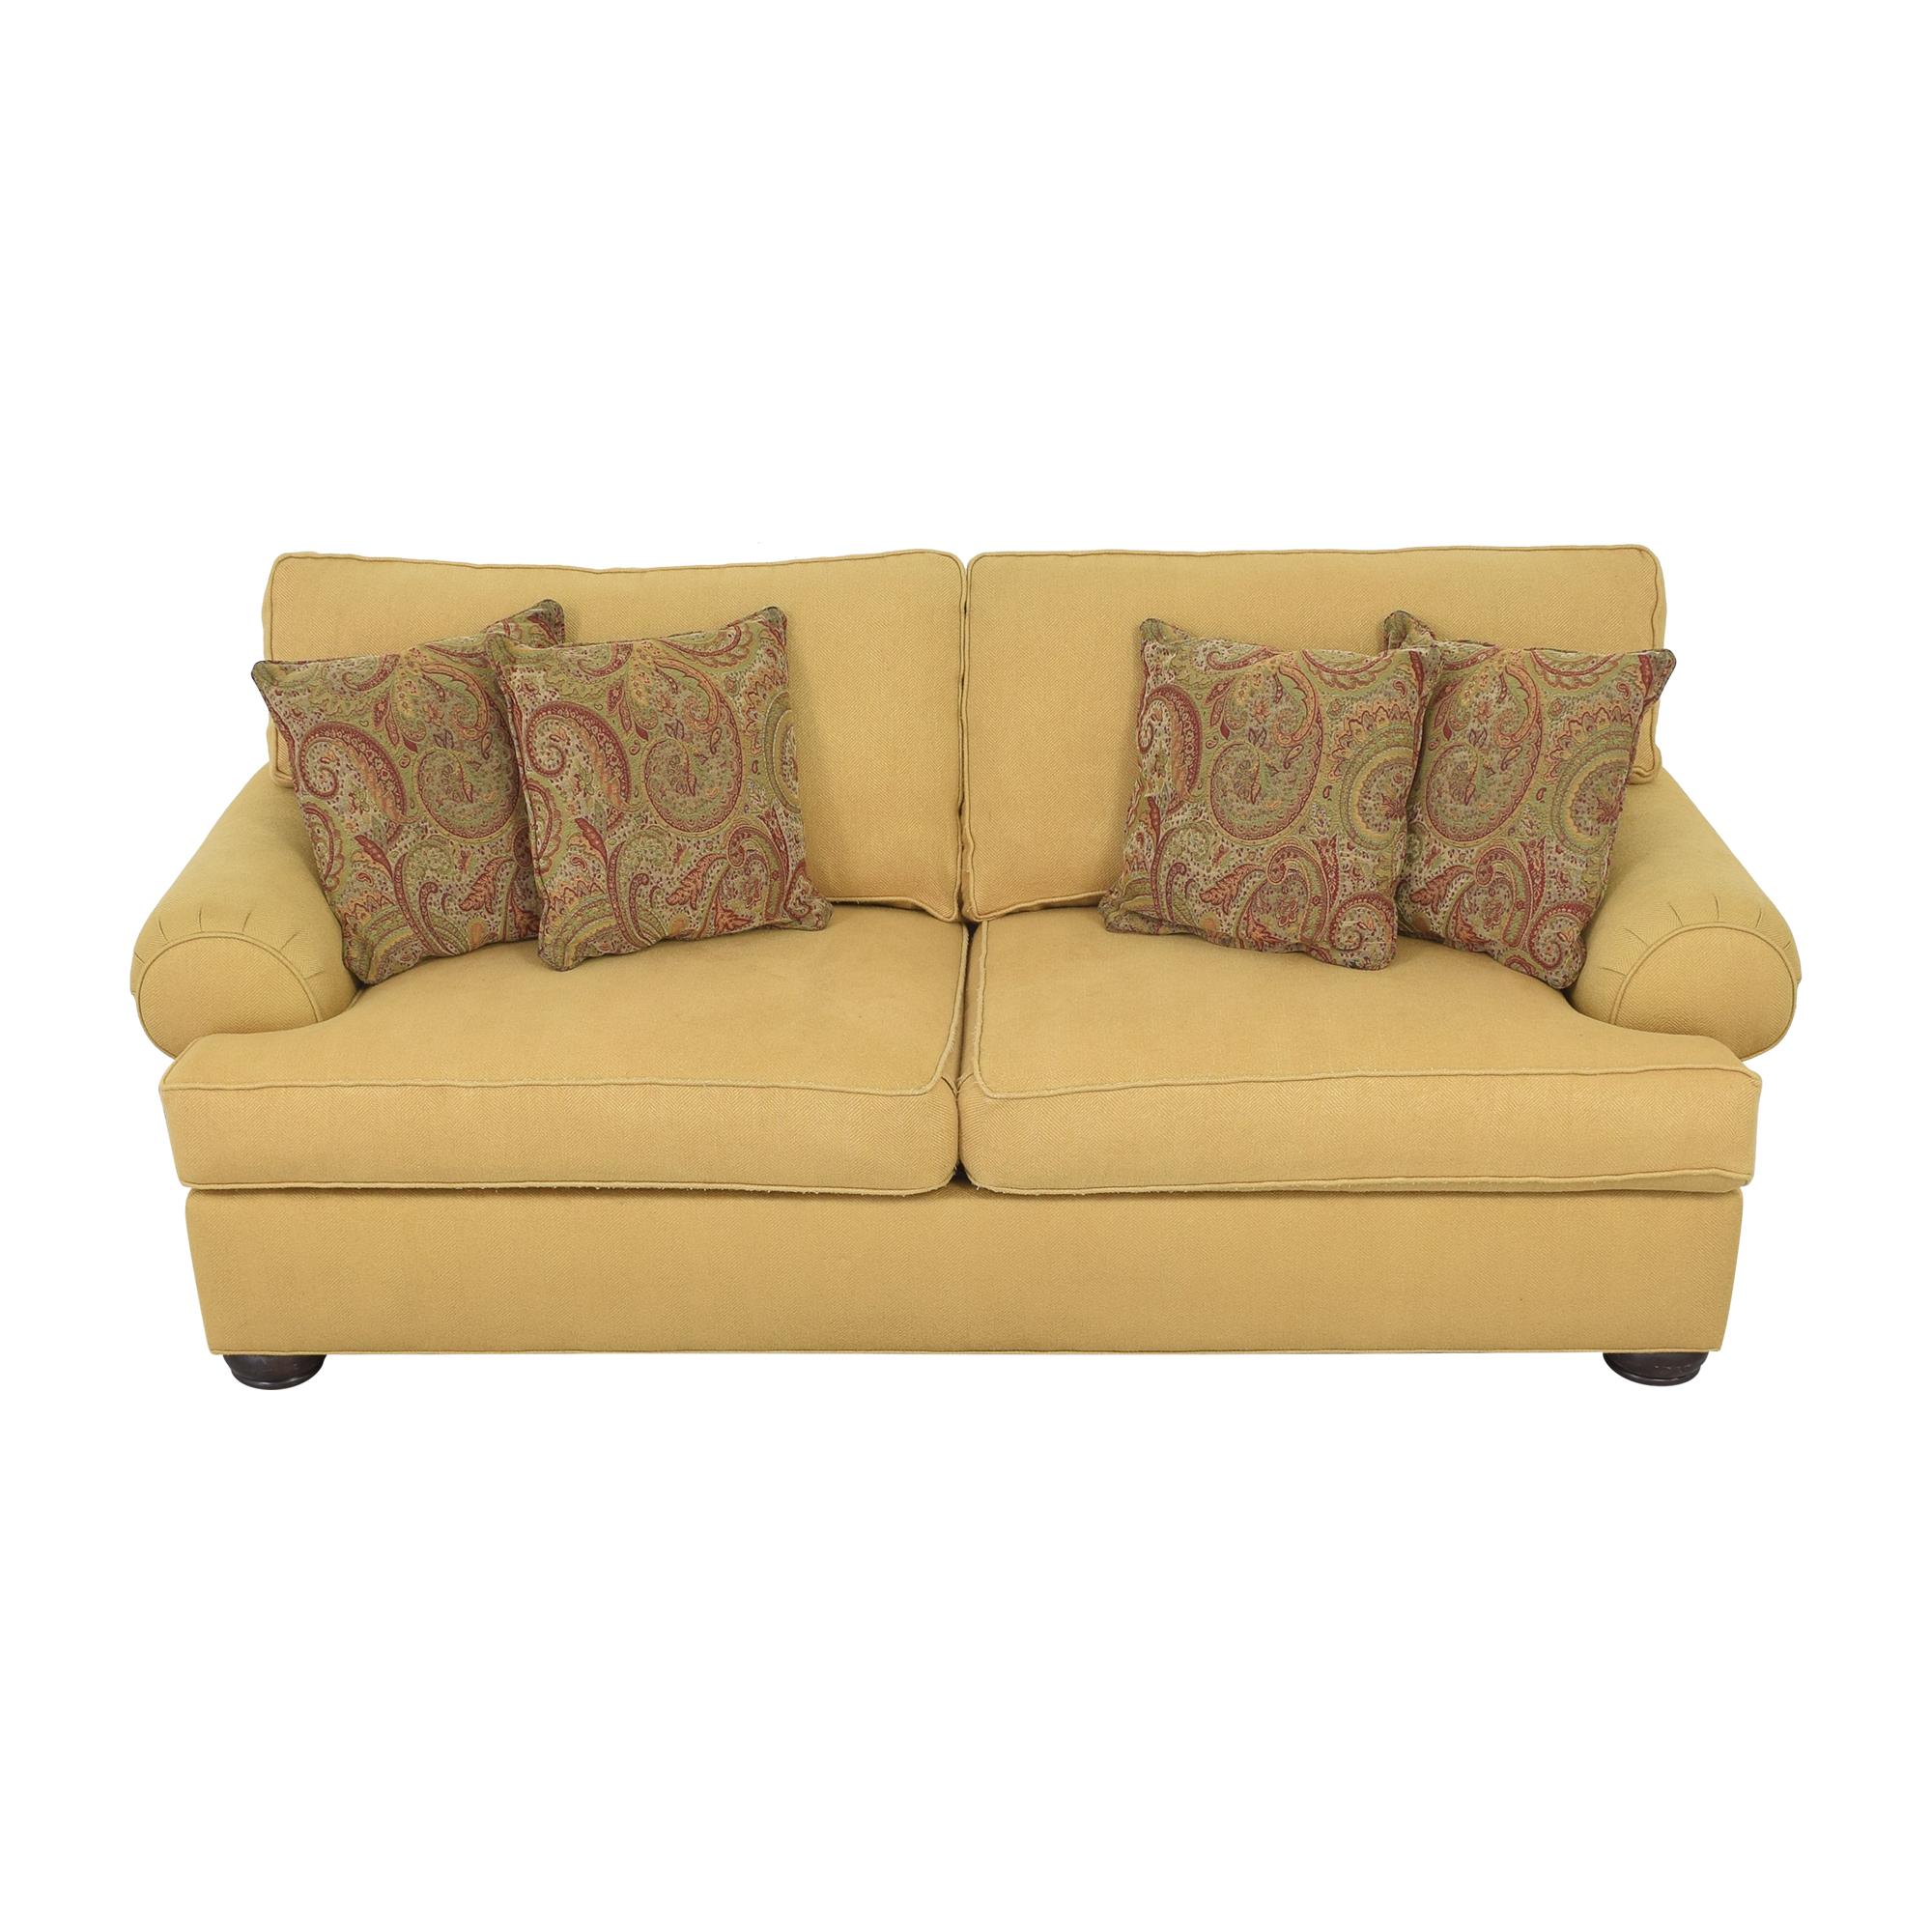 Ethan Allen Ethan Allen Roll Arm Sofa ma